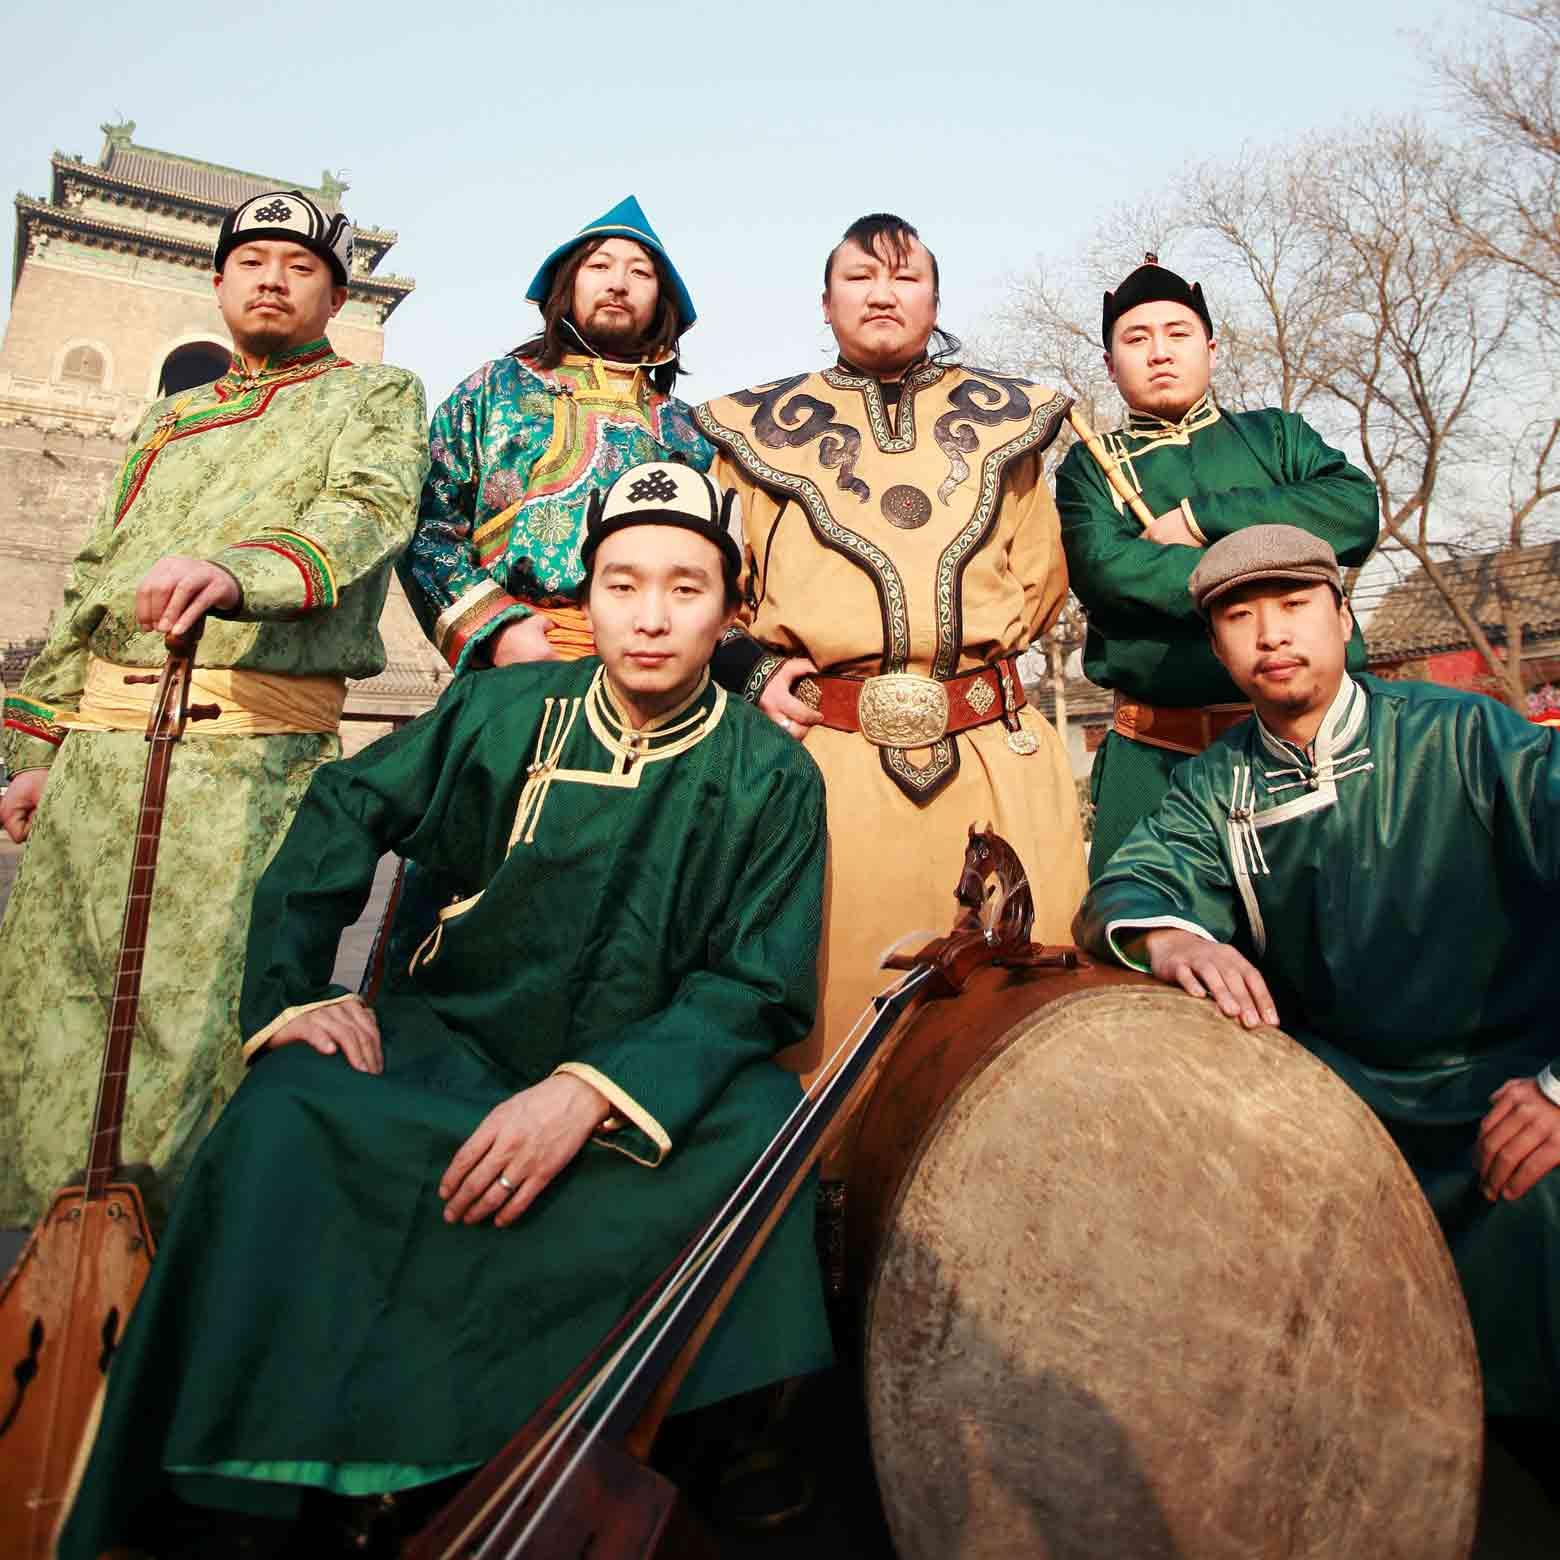 Mongoolse keelzang met rockinvloeden